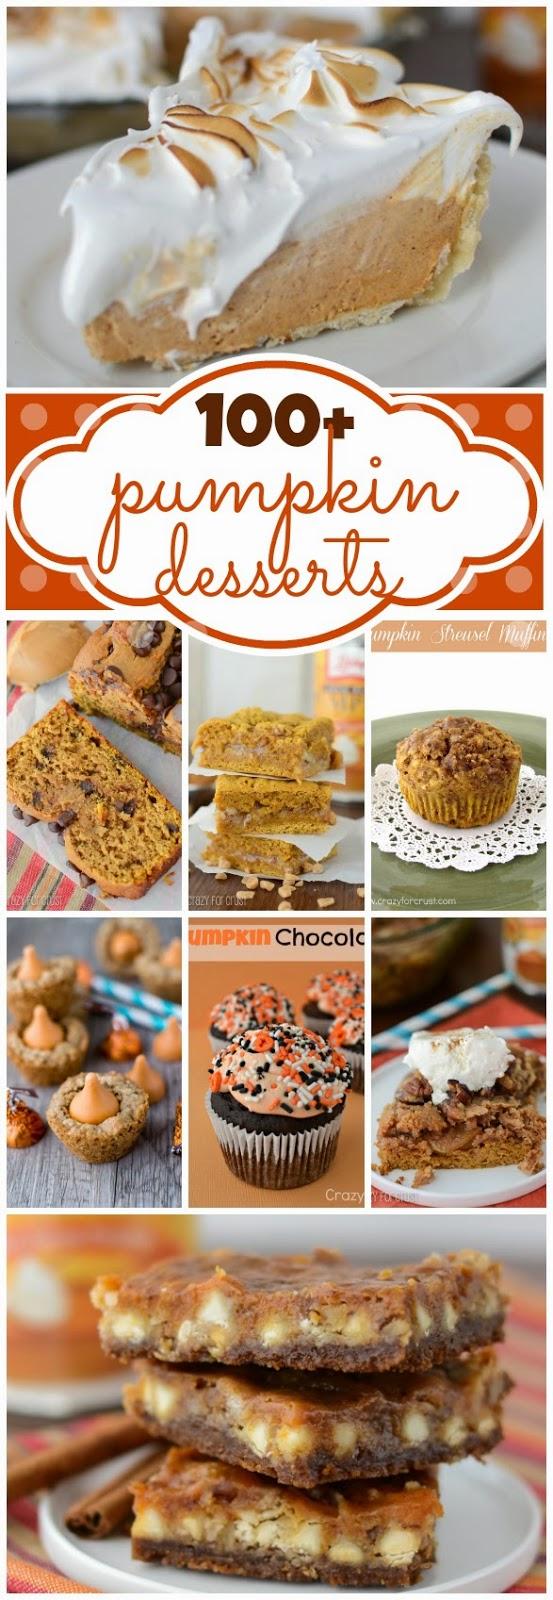 http://www.crazyforcrust.com/2013/10/100-pumpkin-dessert-recipes/